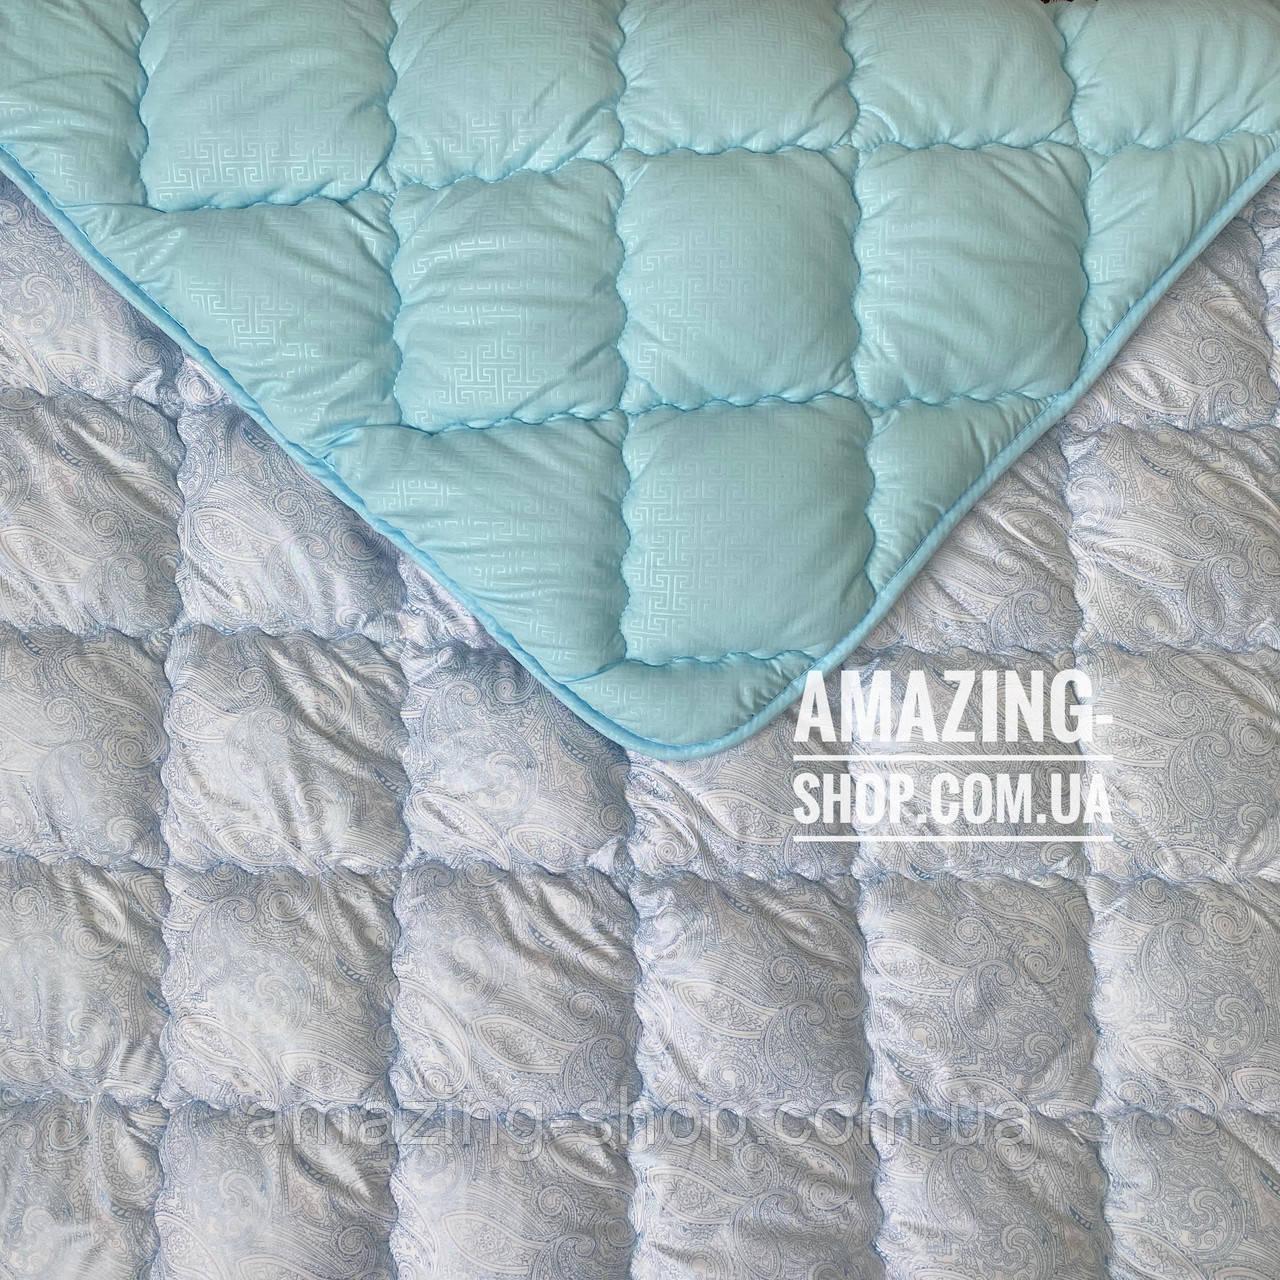 Одеяло на холлофайбере ОДА 200х220 см | Тепла ковдра, наповнювач холлофайбер. Стеганое одеяло ОДА